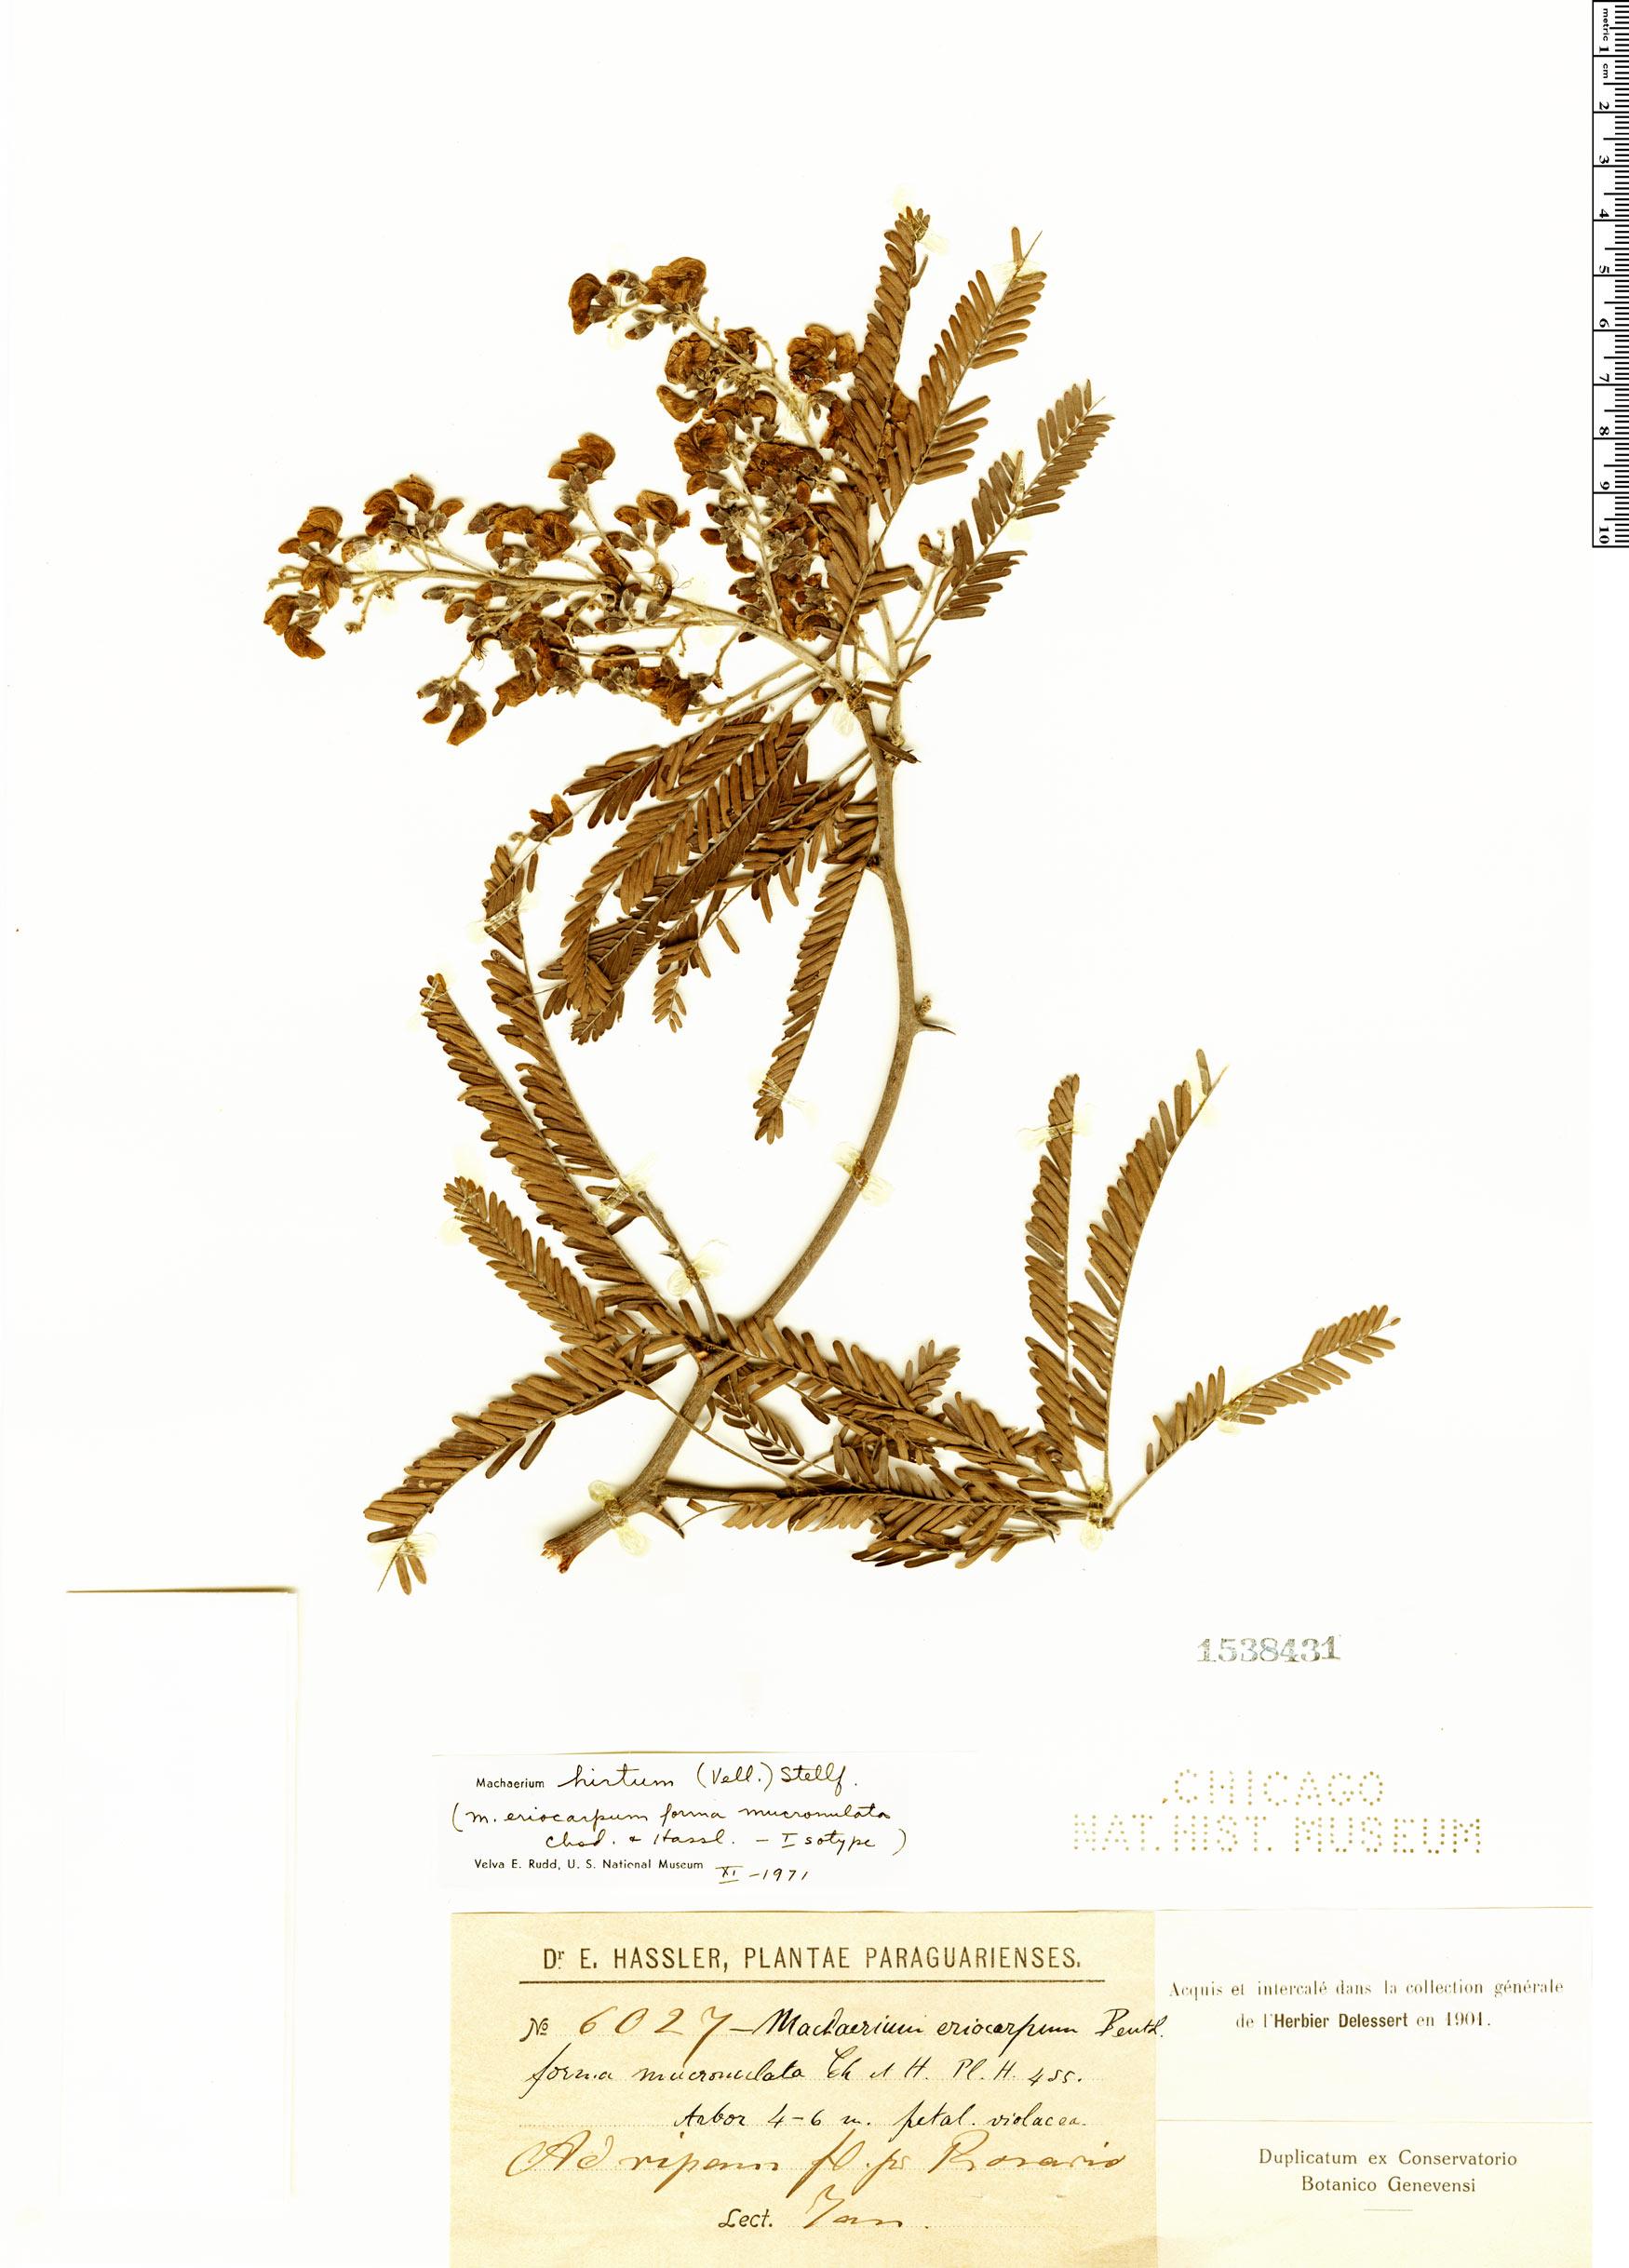 Specimen: Machaerium eriocarpum